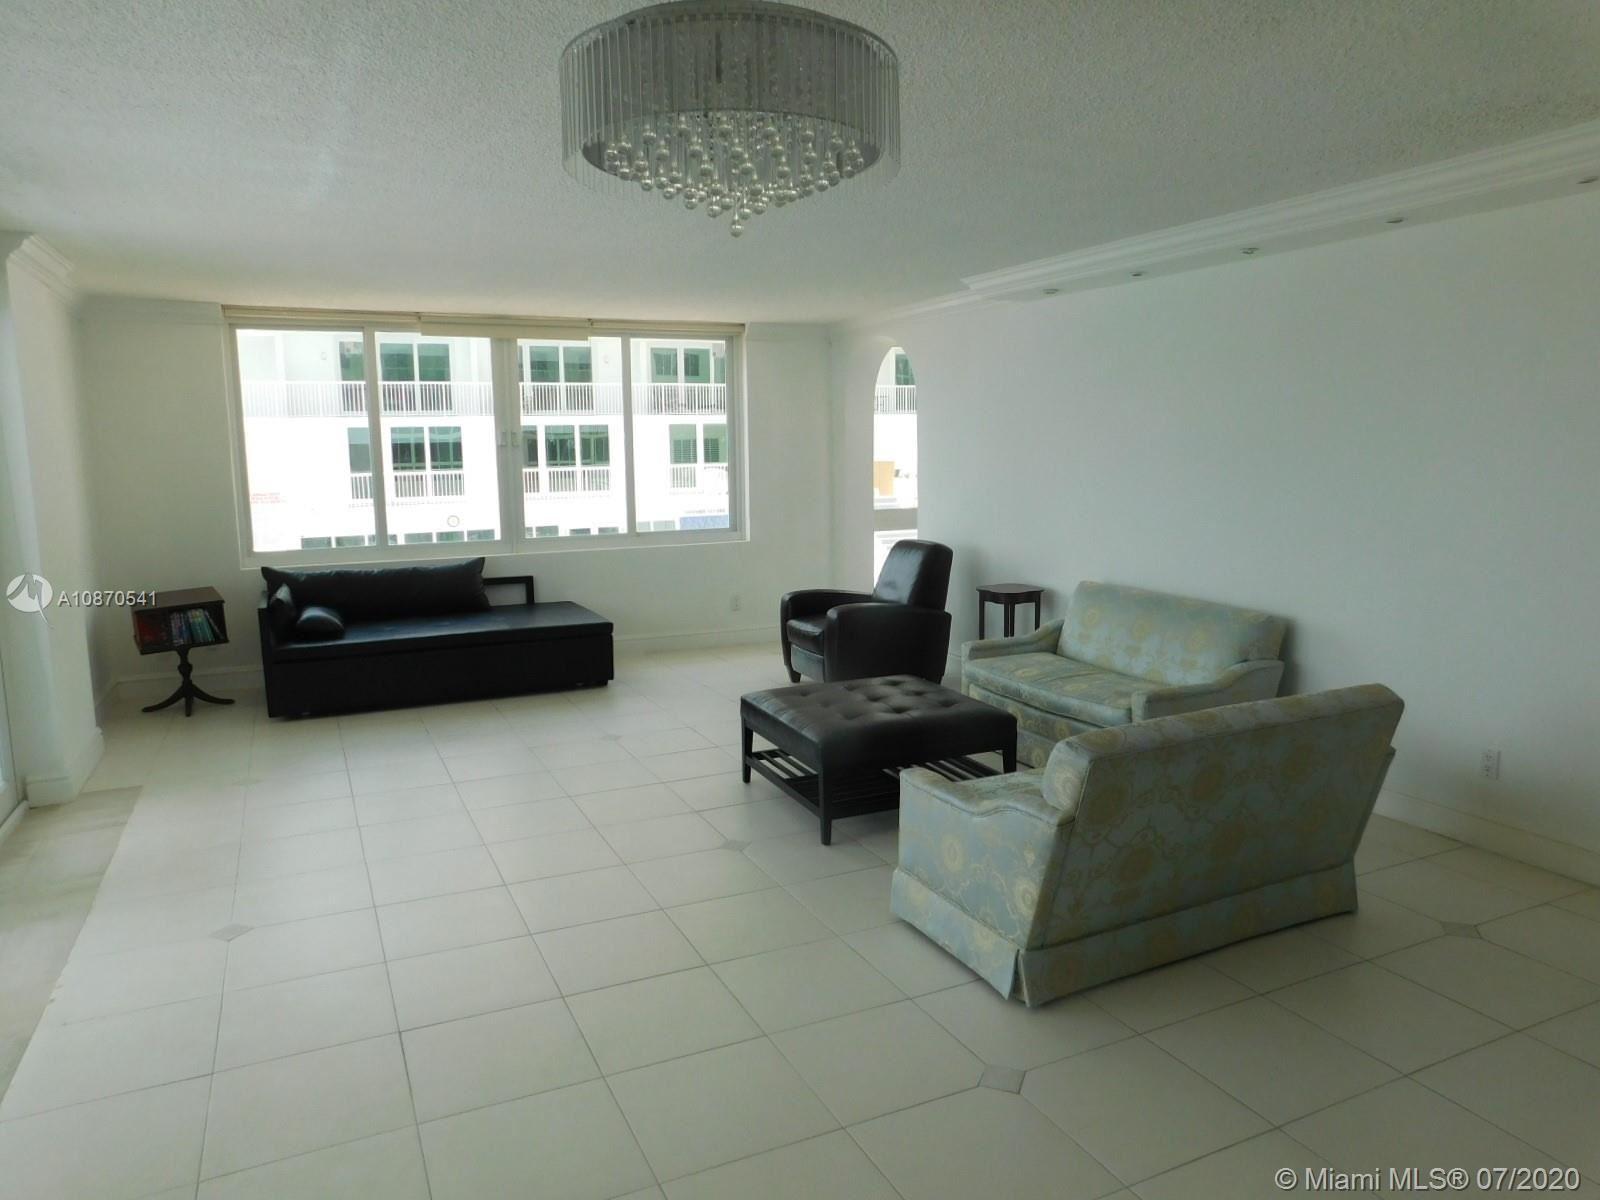 5401 Collins Ave #102, Miami Beach, FL 33140 - #: A10870541